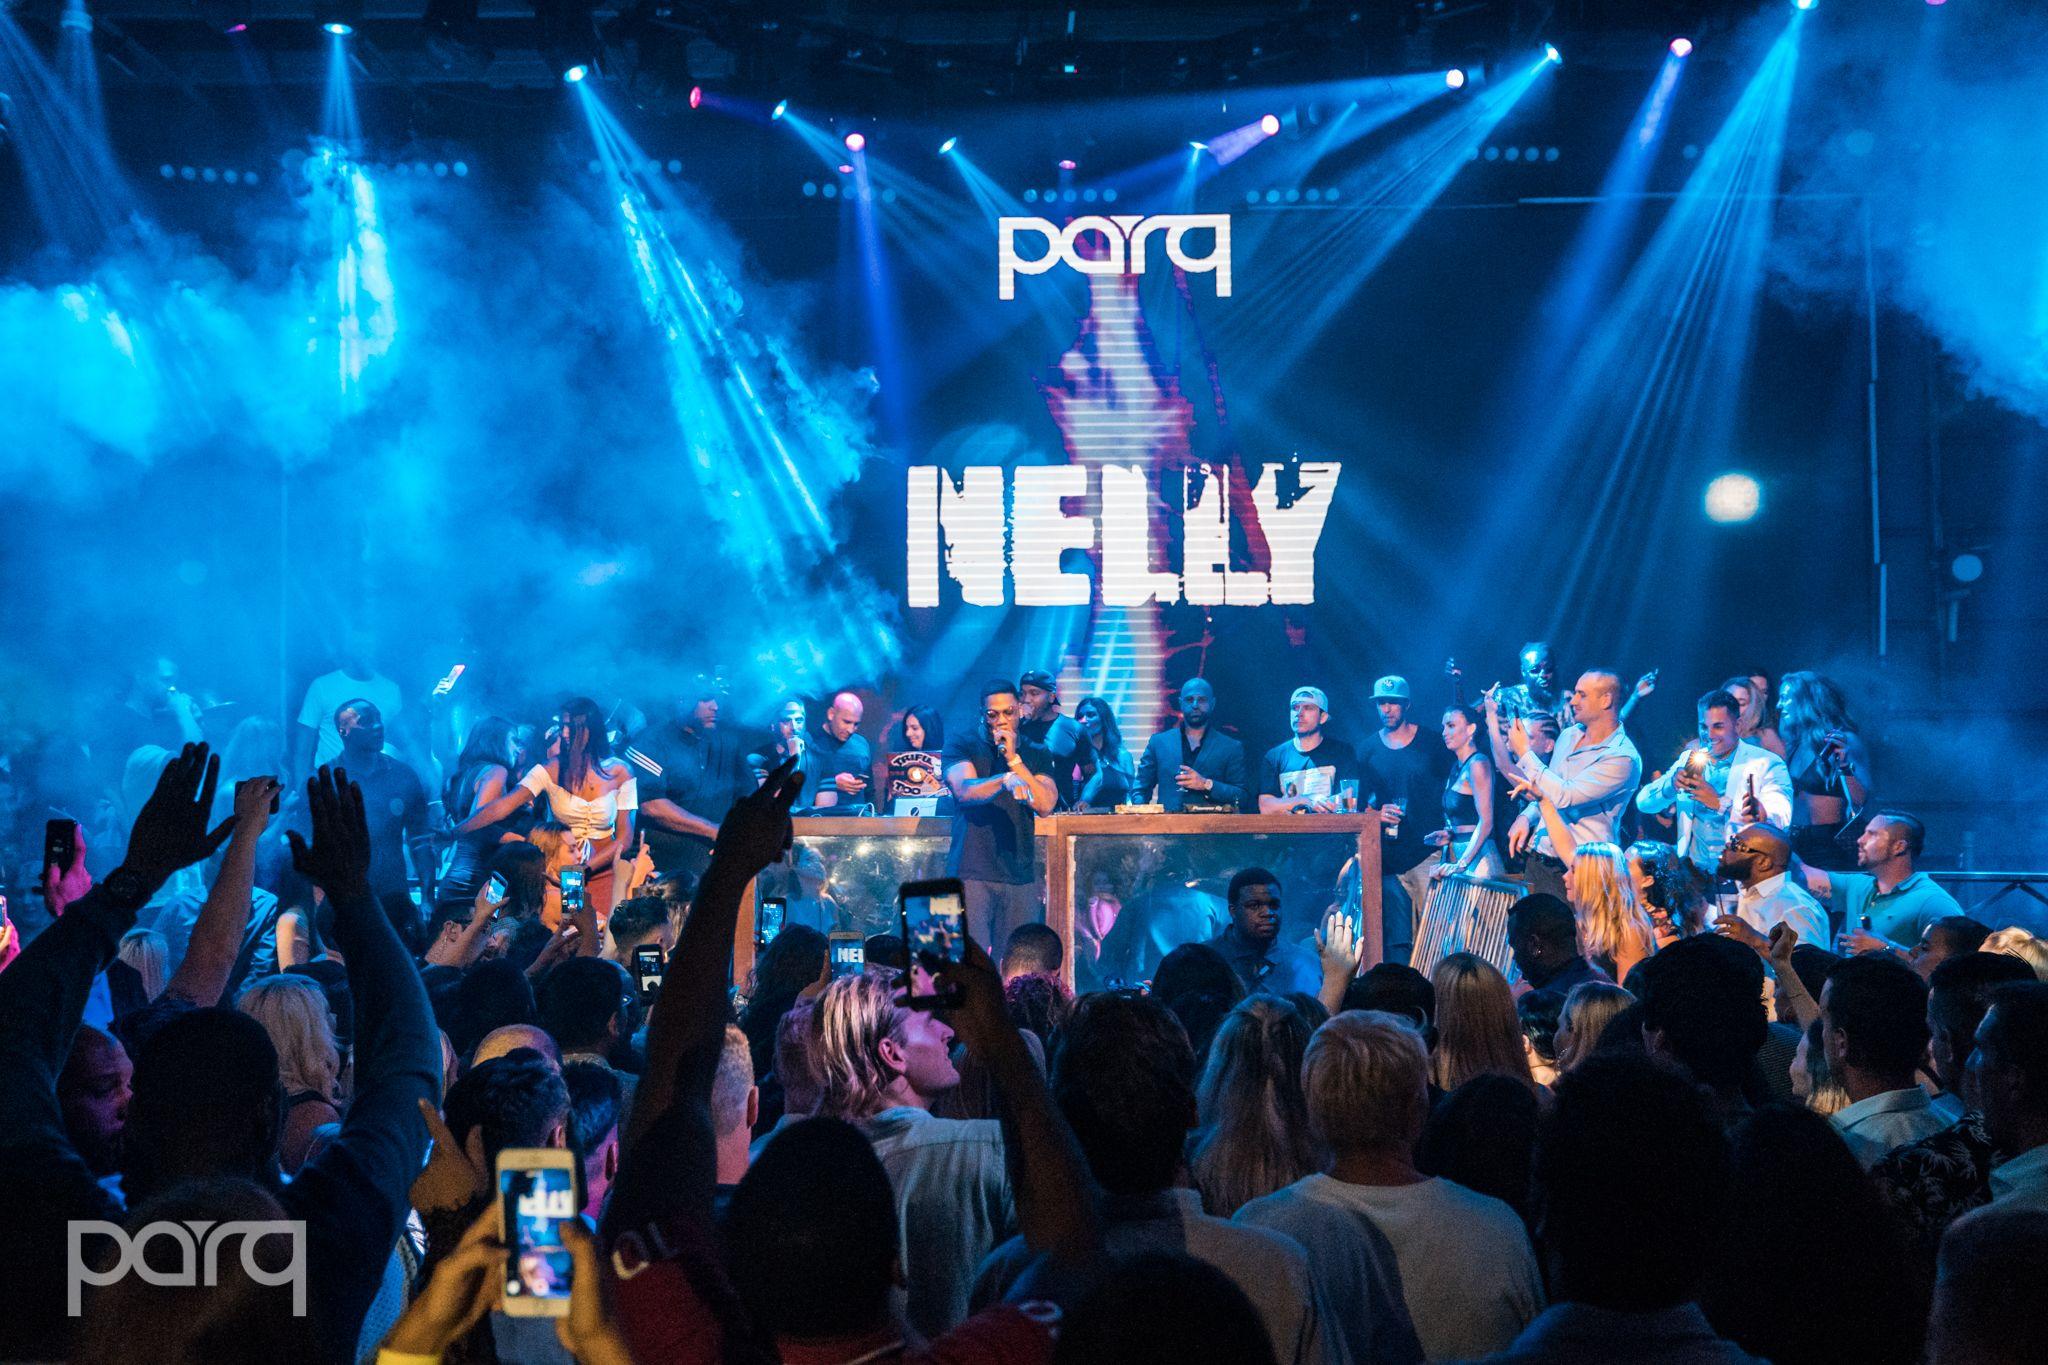 08.31.18 Parq - Nelly-21.jpg